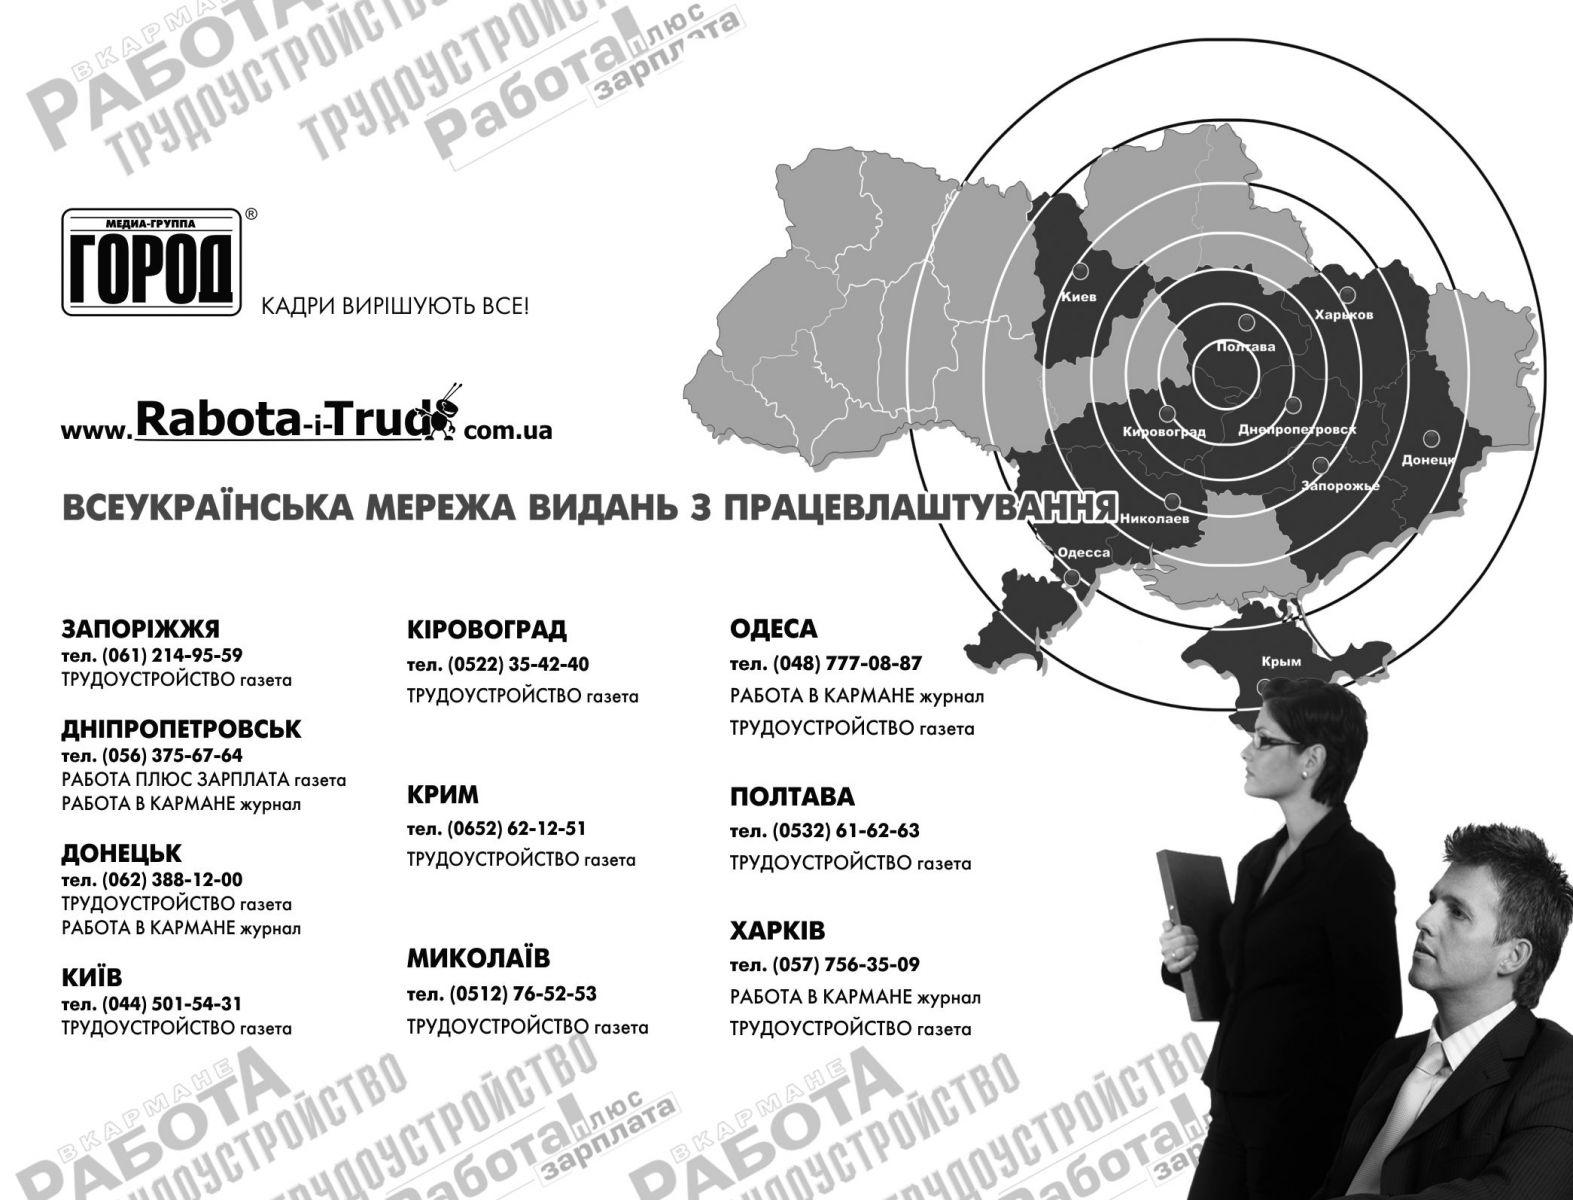 http://rabota-i-trud.com.ua/